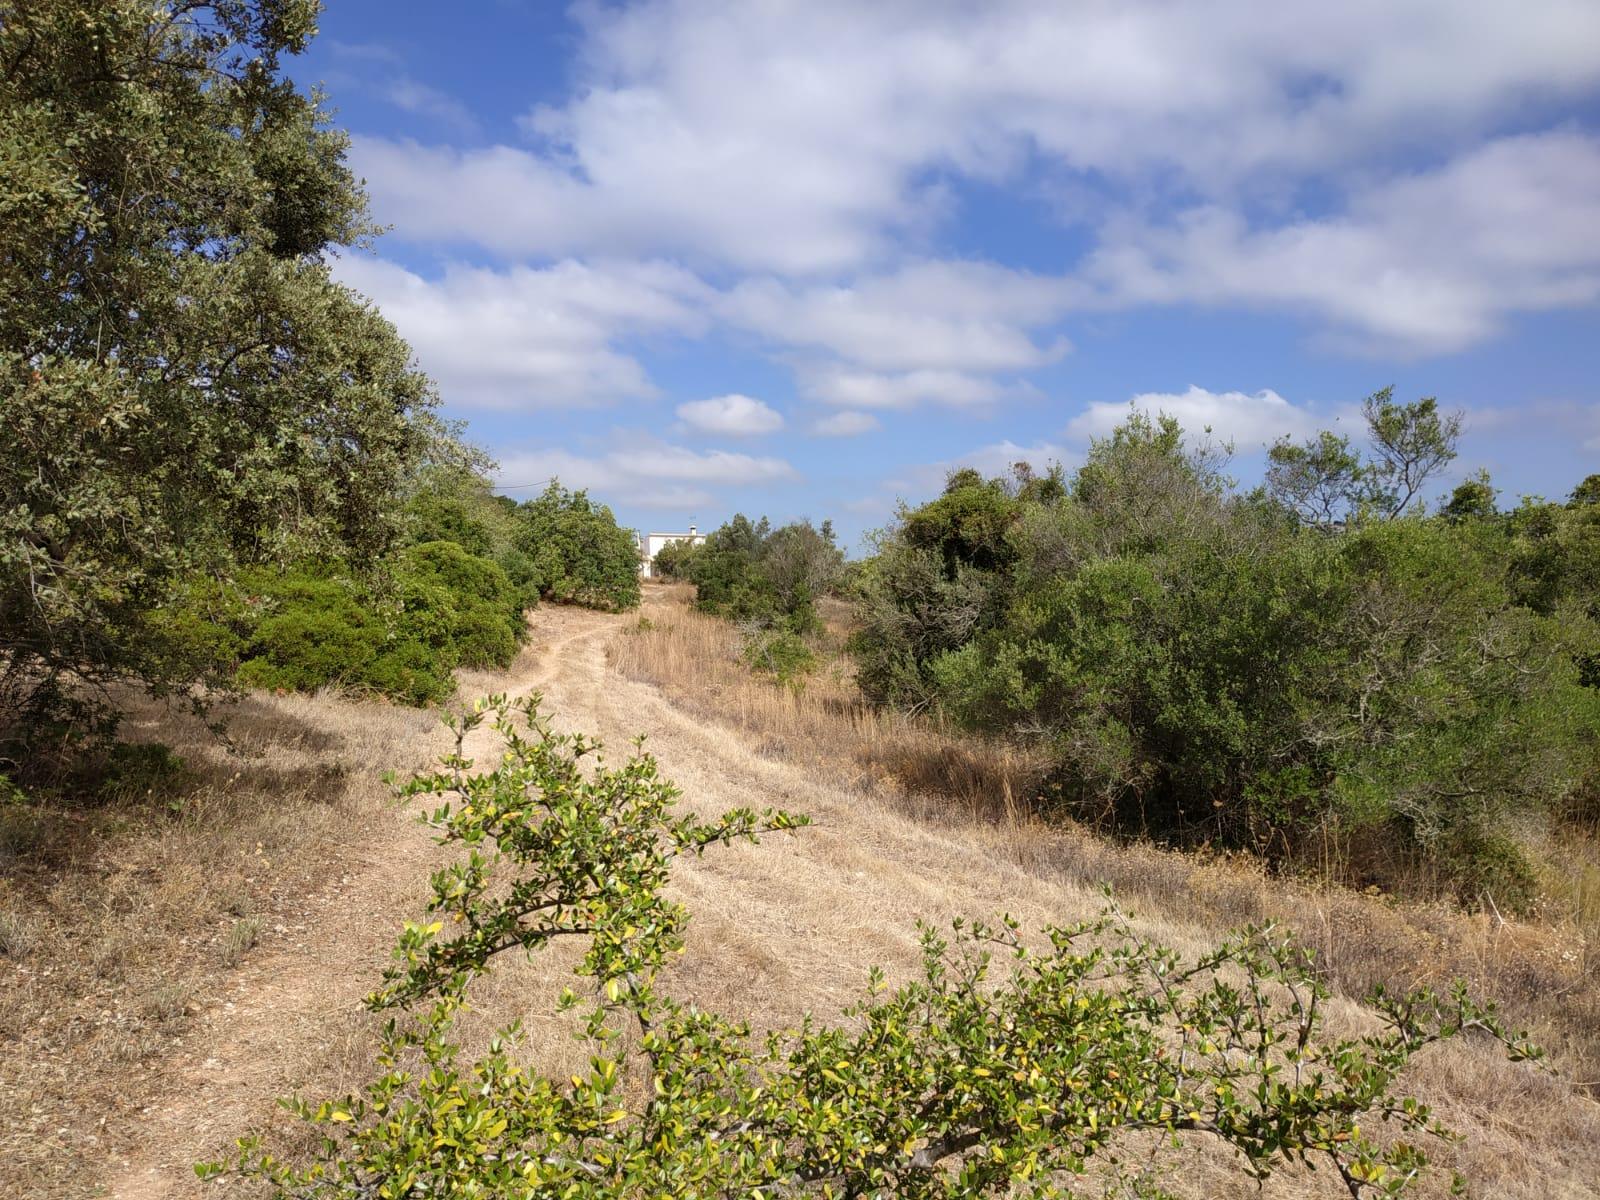 Land with Carob and almond trees in Santa Bárbara de Nexe